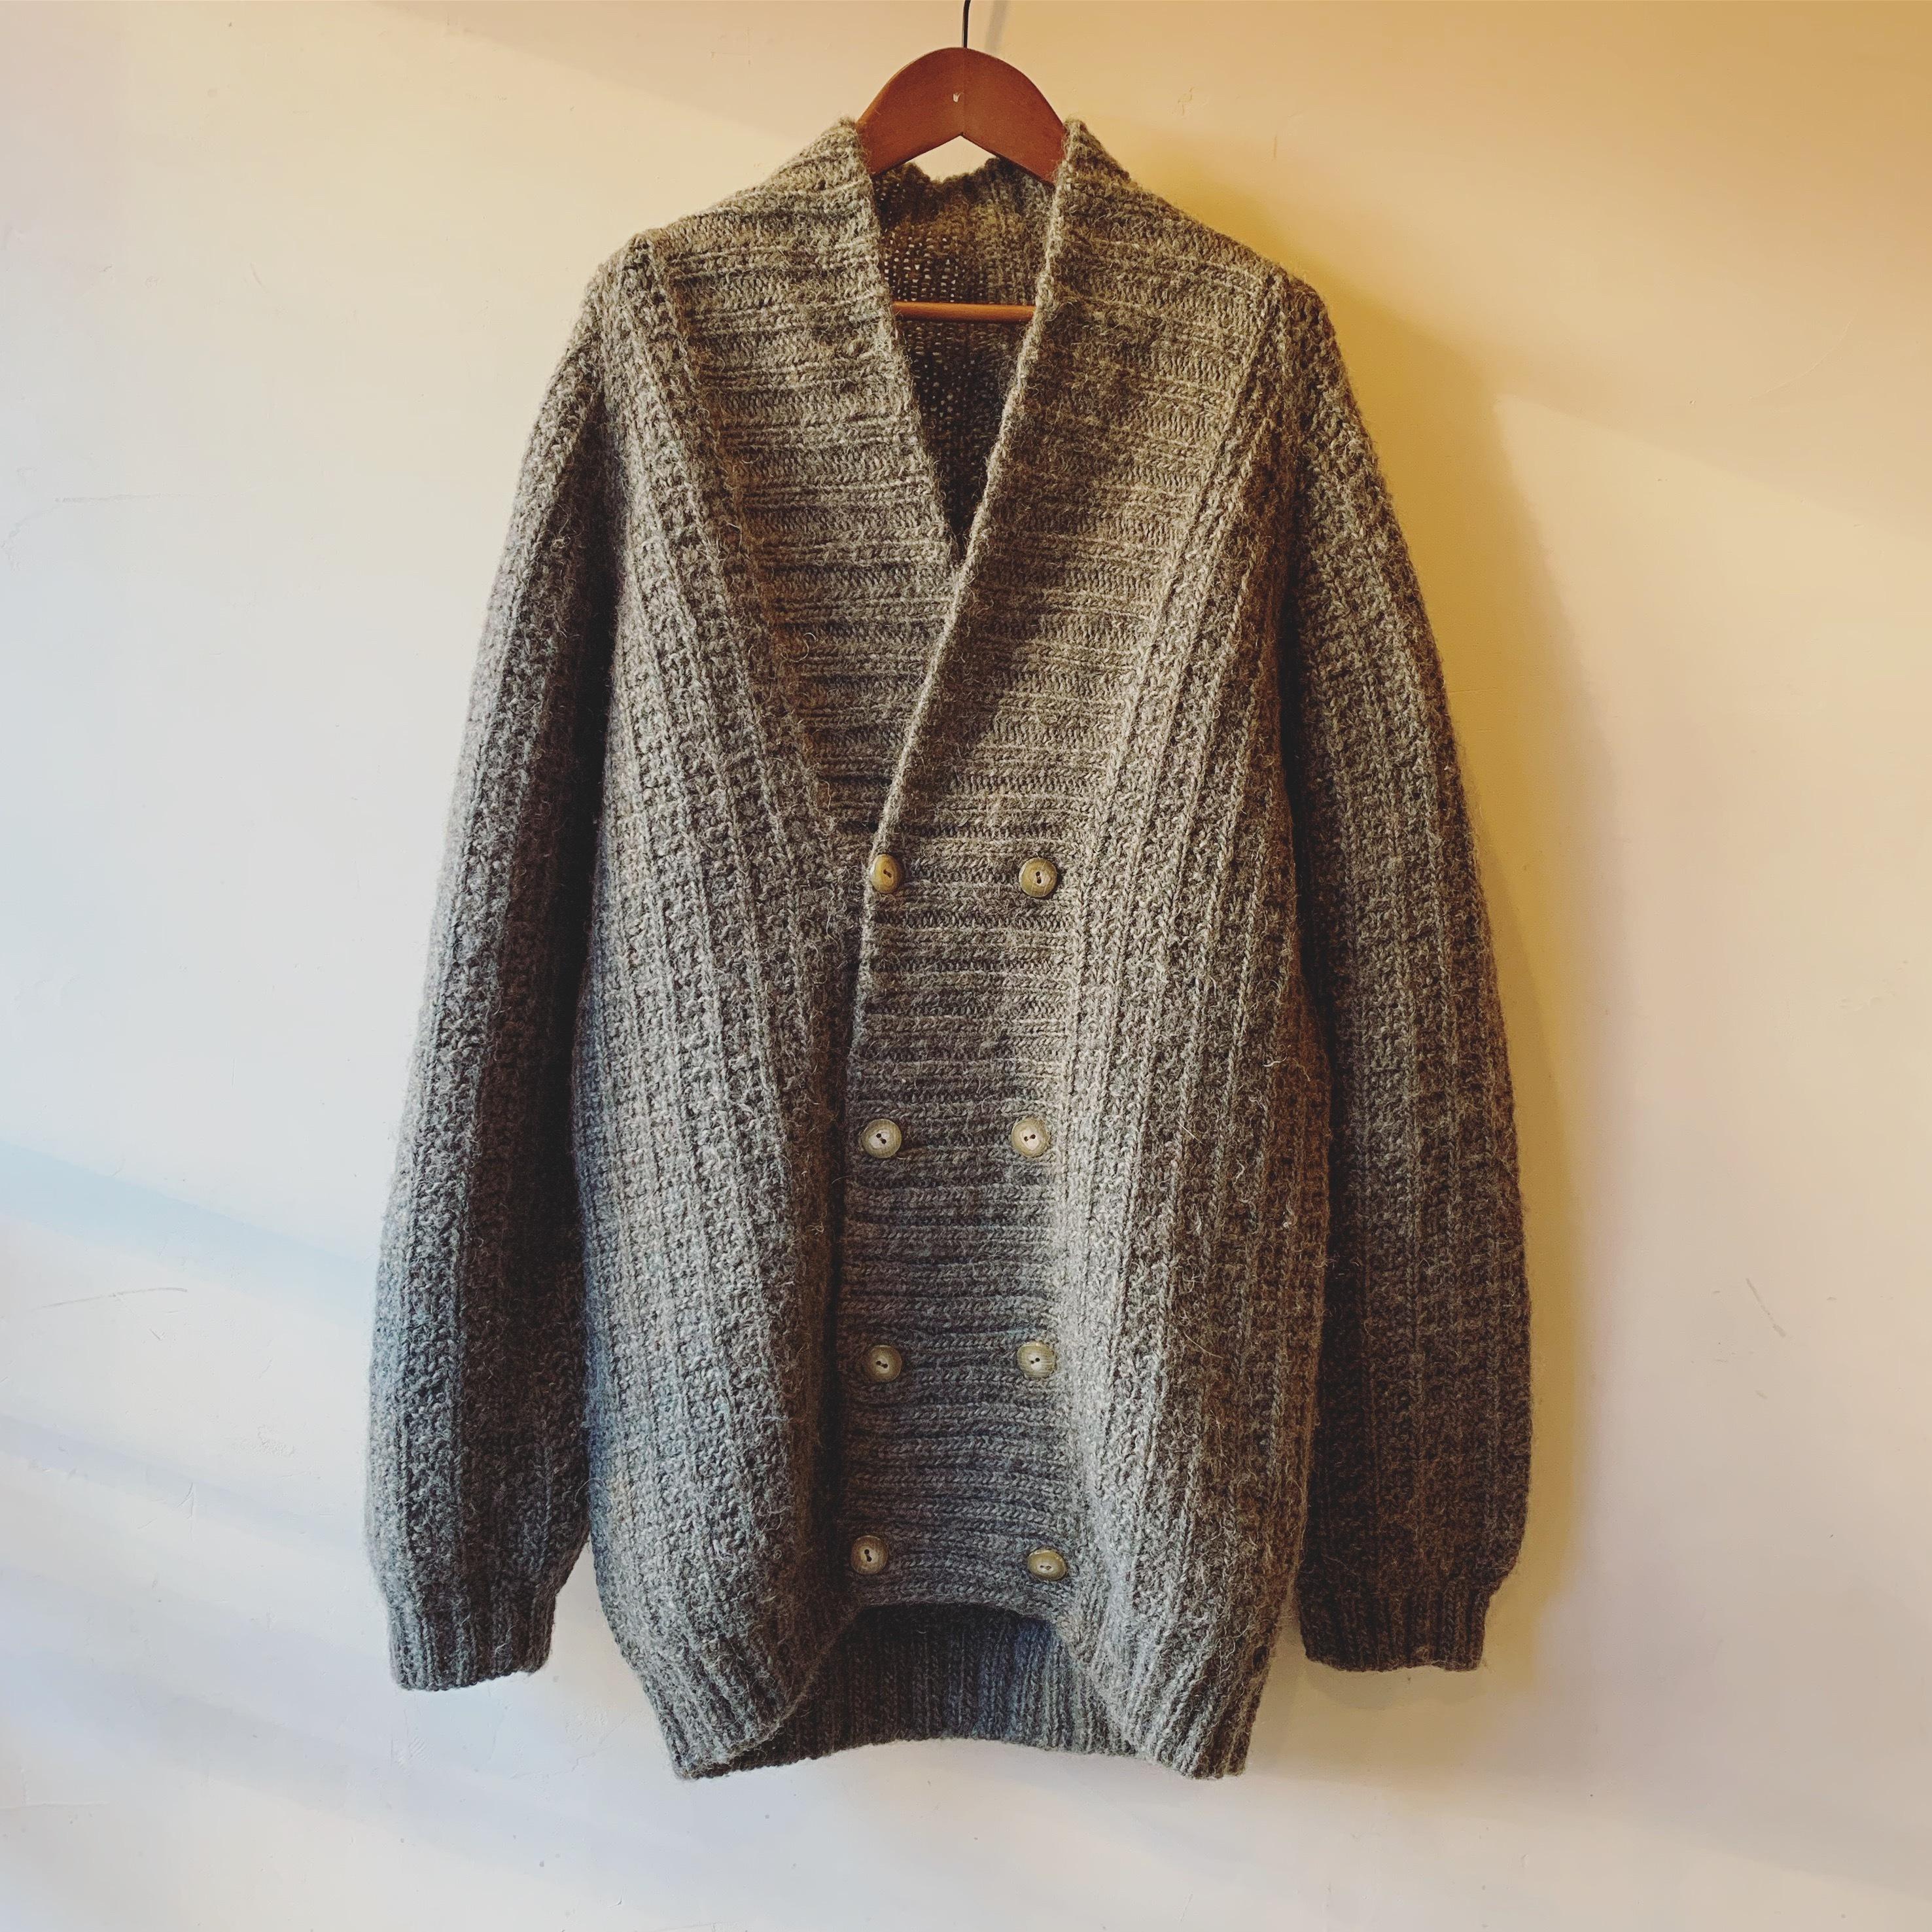 vintage double button knit cardigan